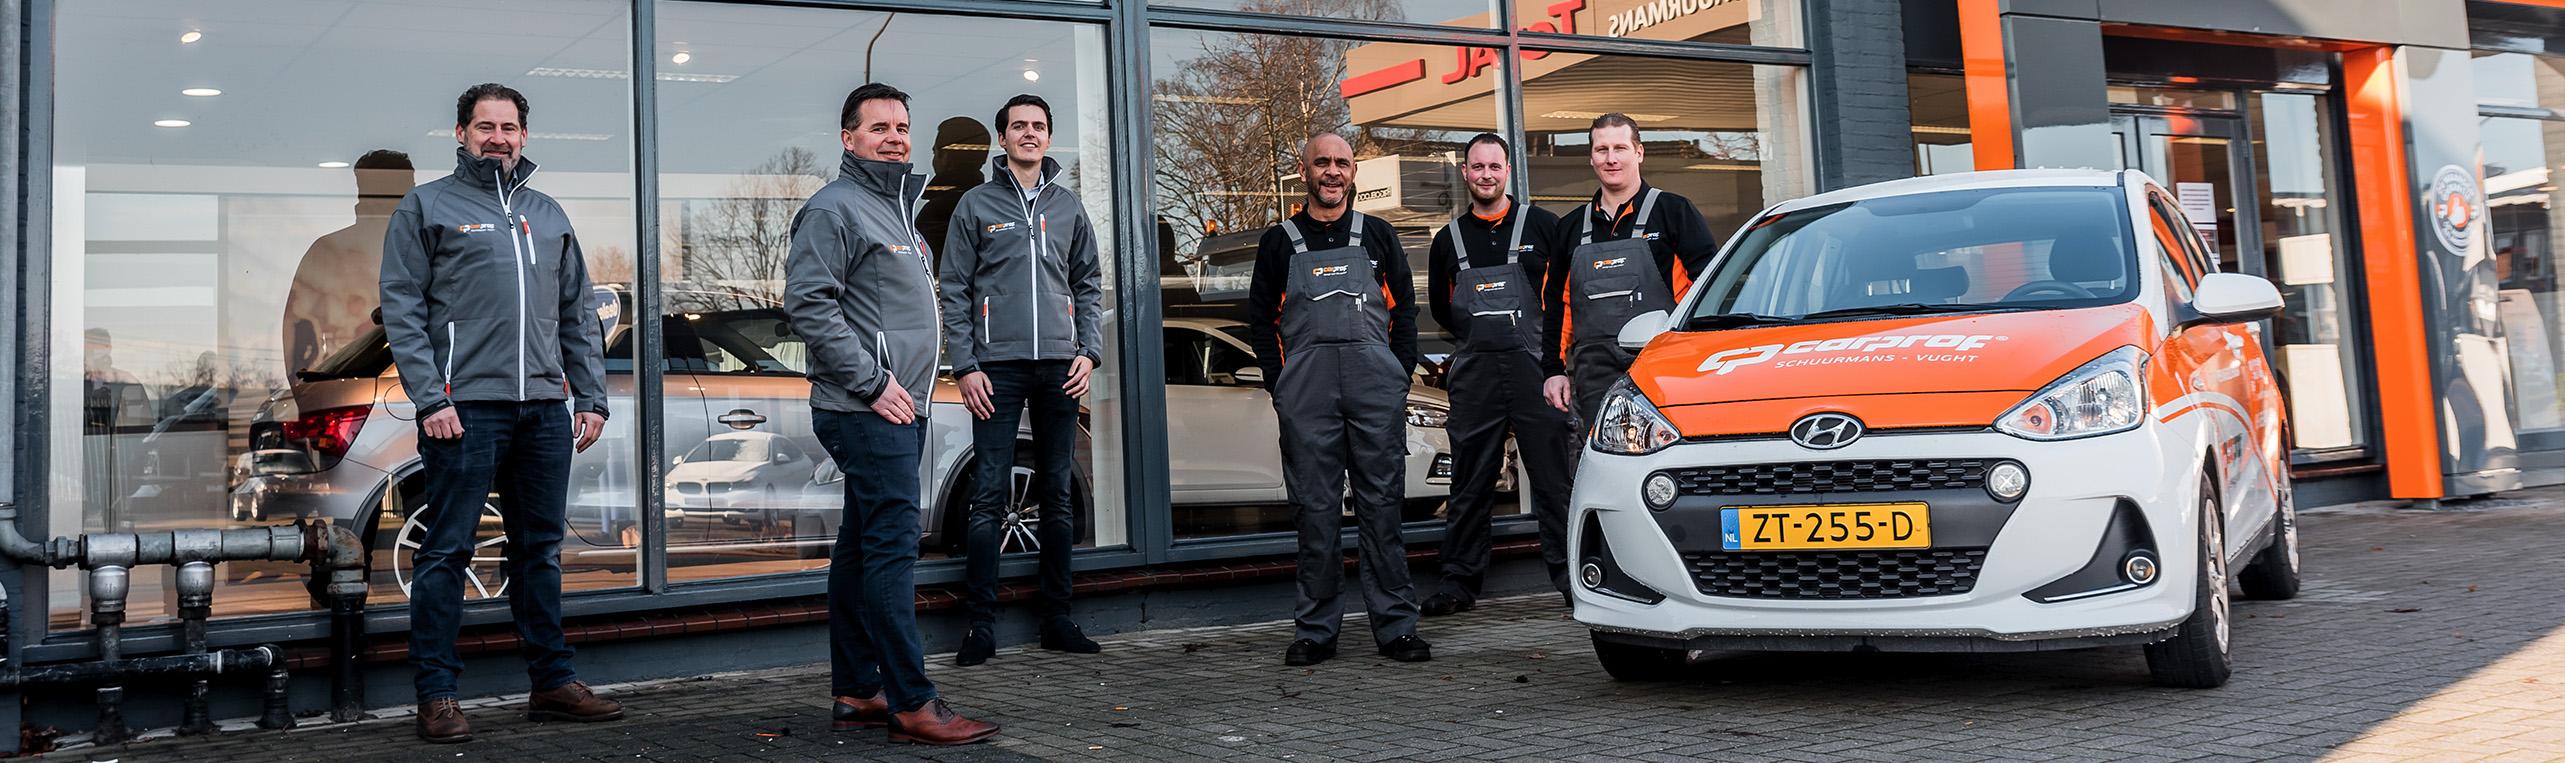 Het team van Autobedrijf Carprof Schuurmans